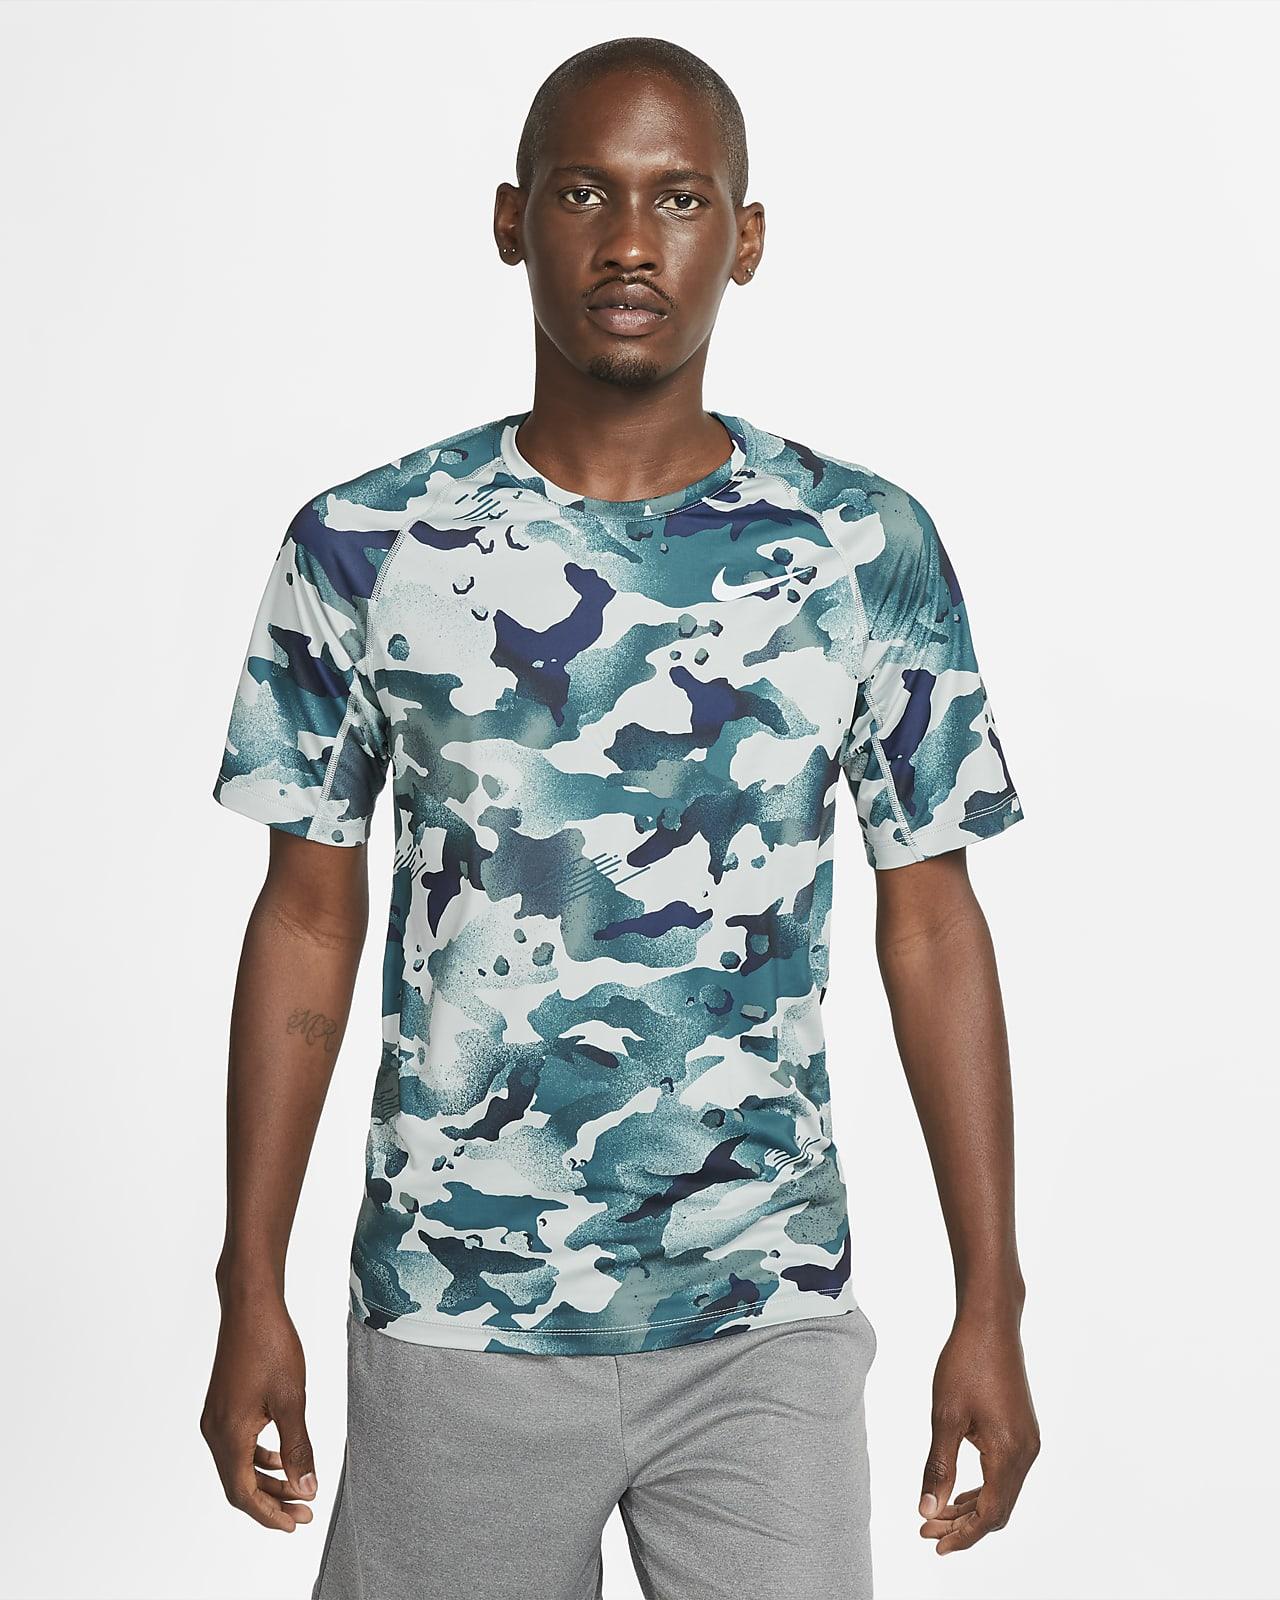 Haut camouflage à manches courtes Nike Pro pour Homme